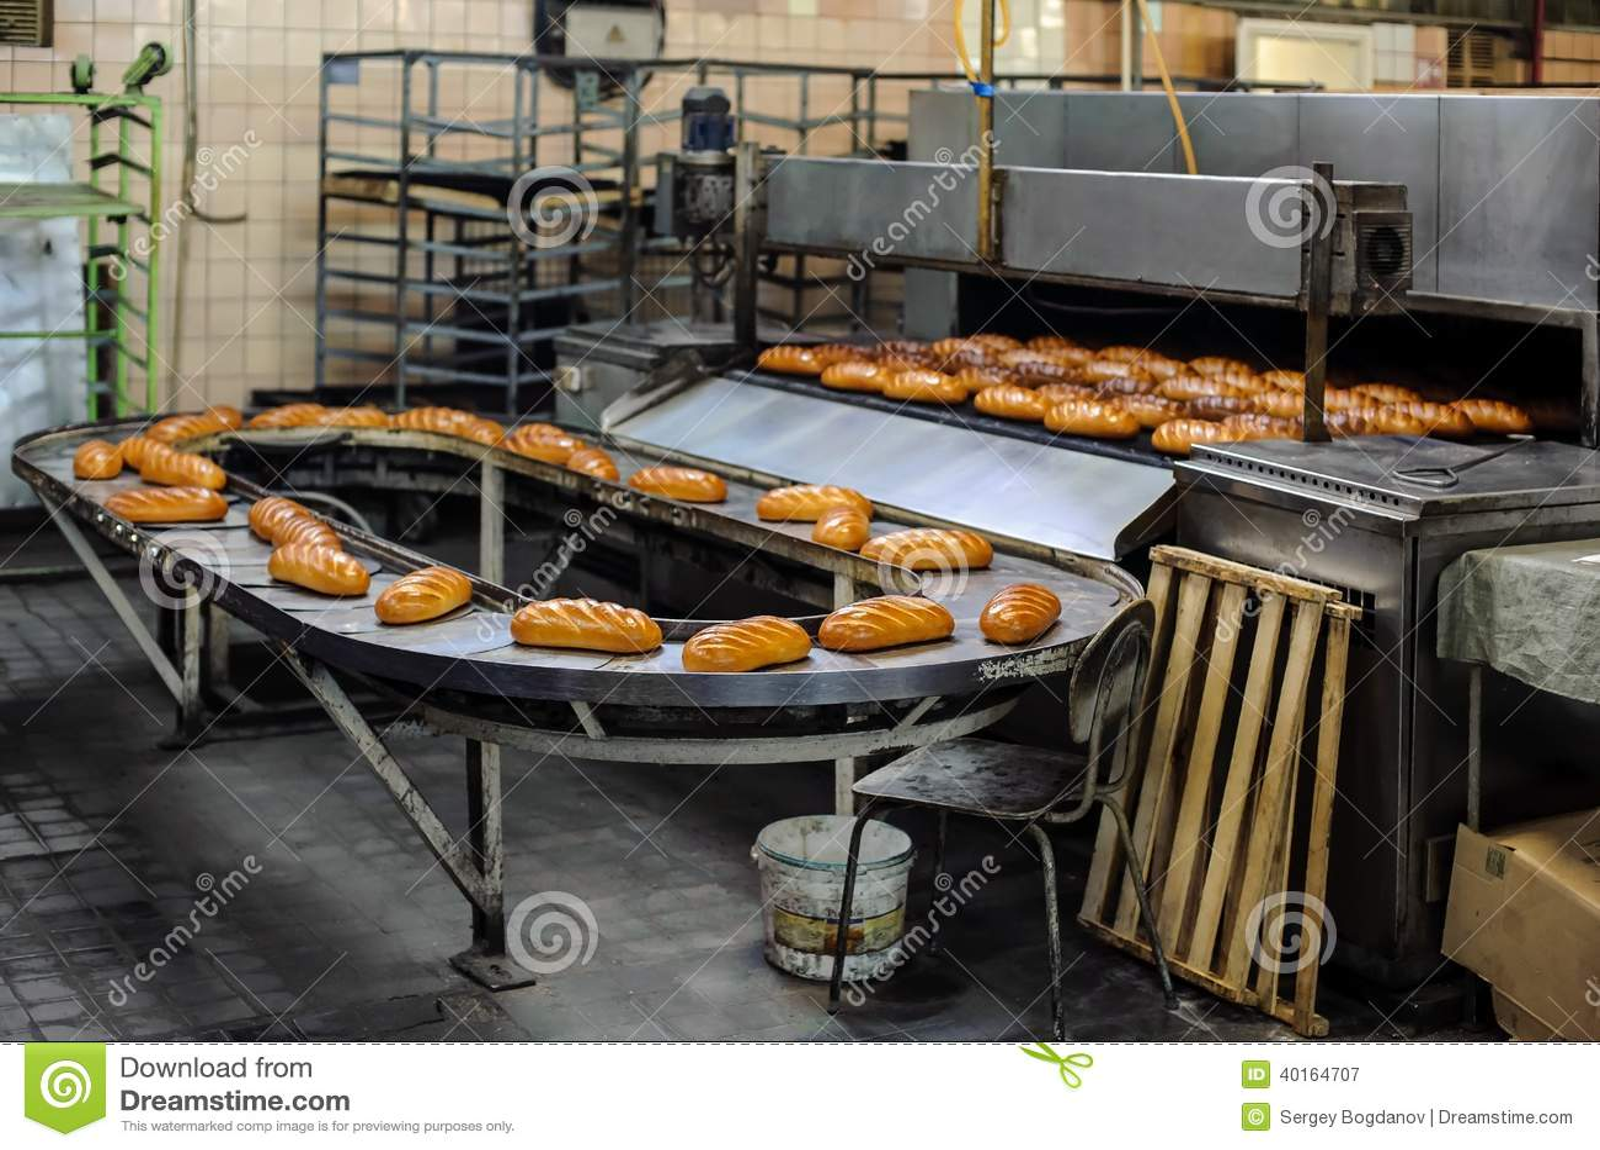 Pani sulla linea di produzione al forno